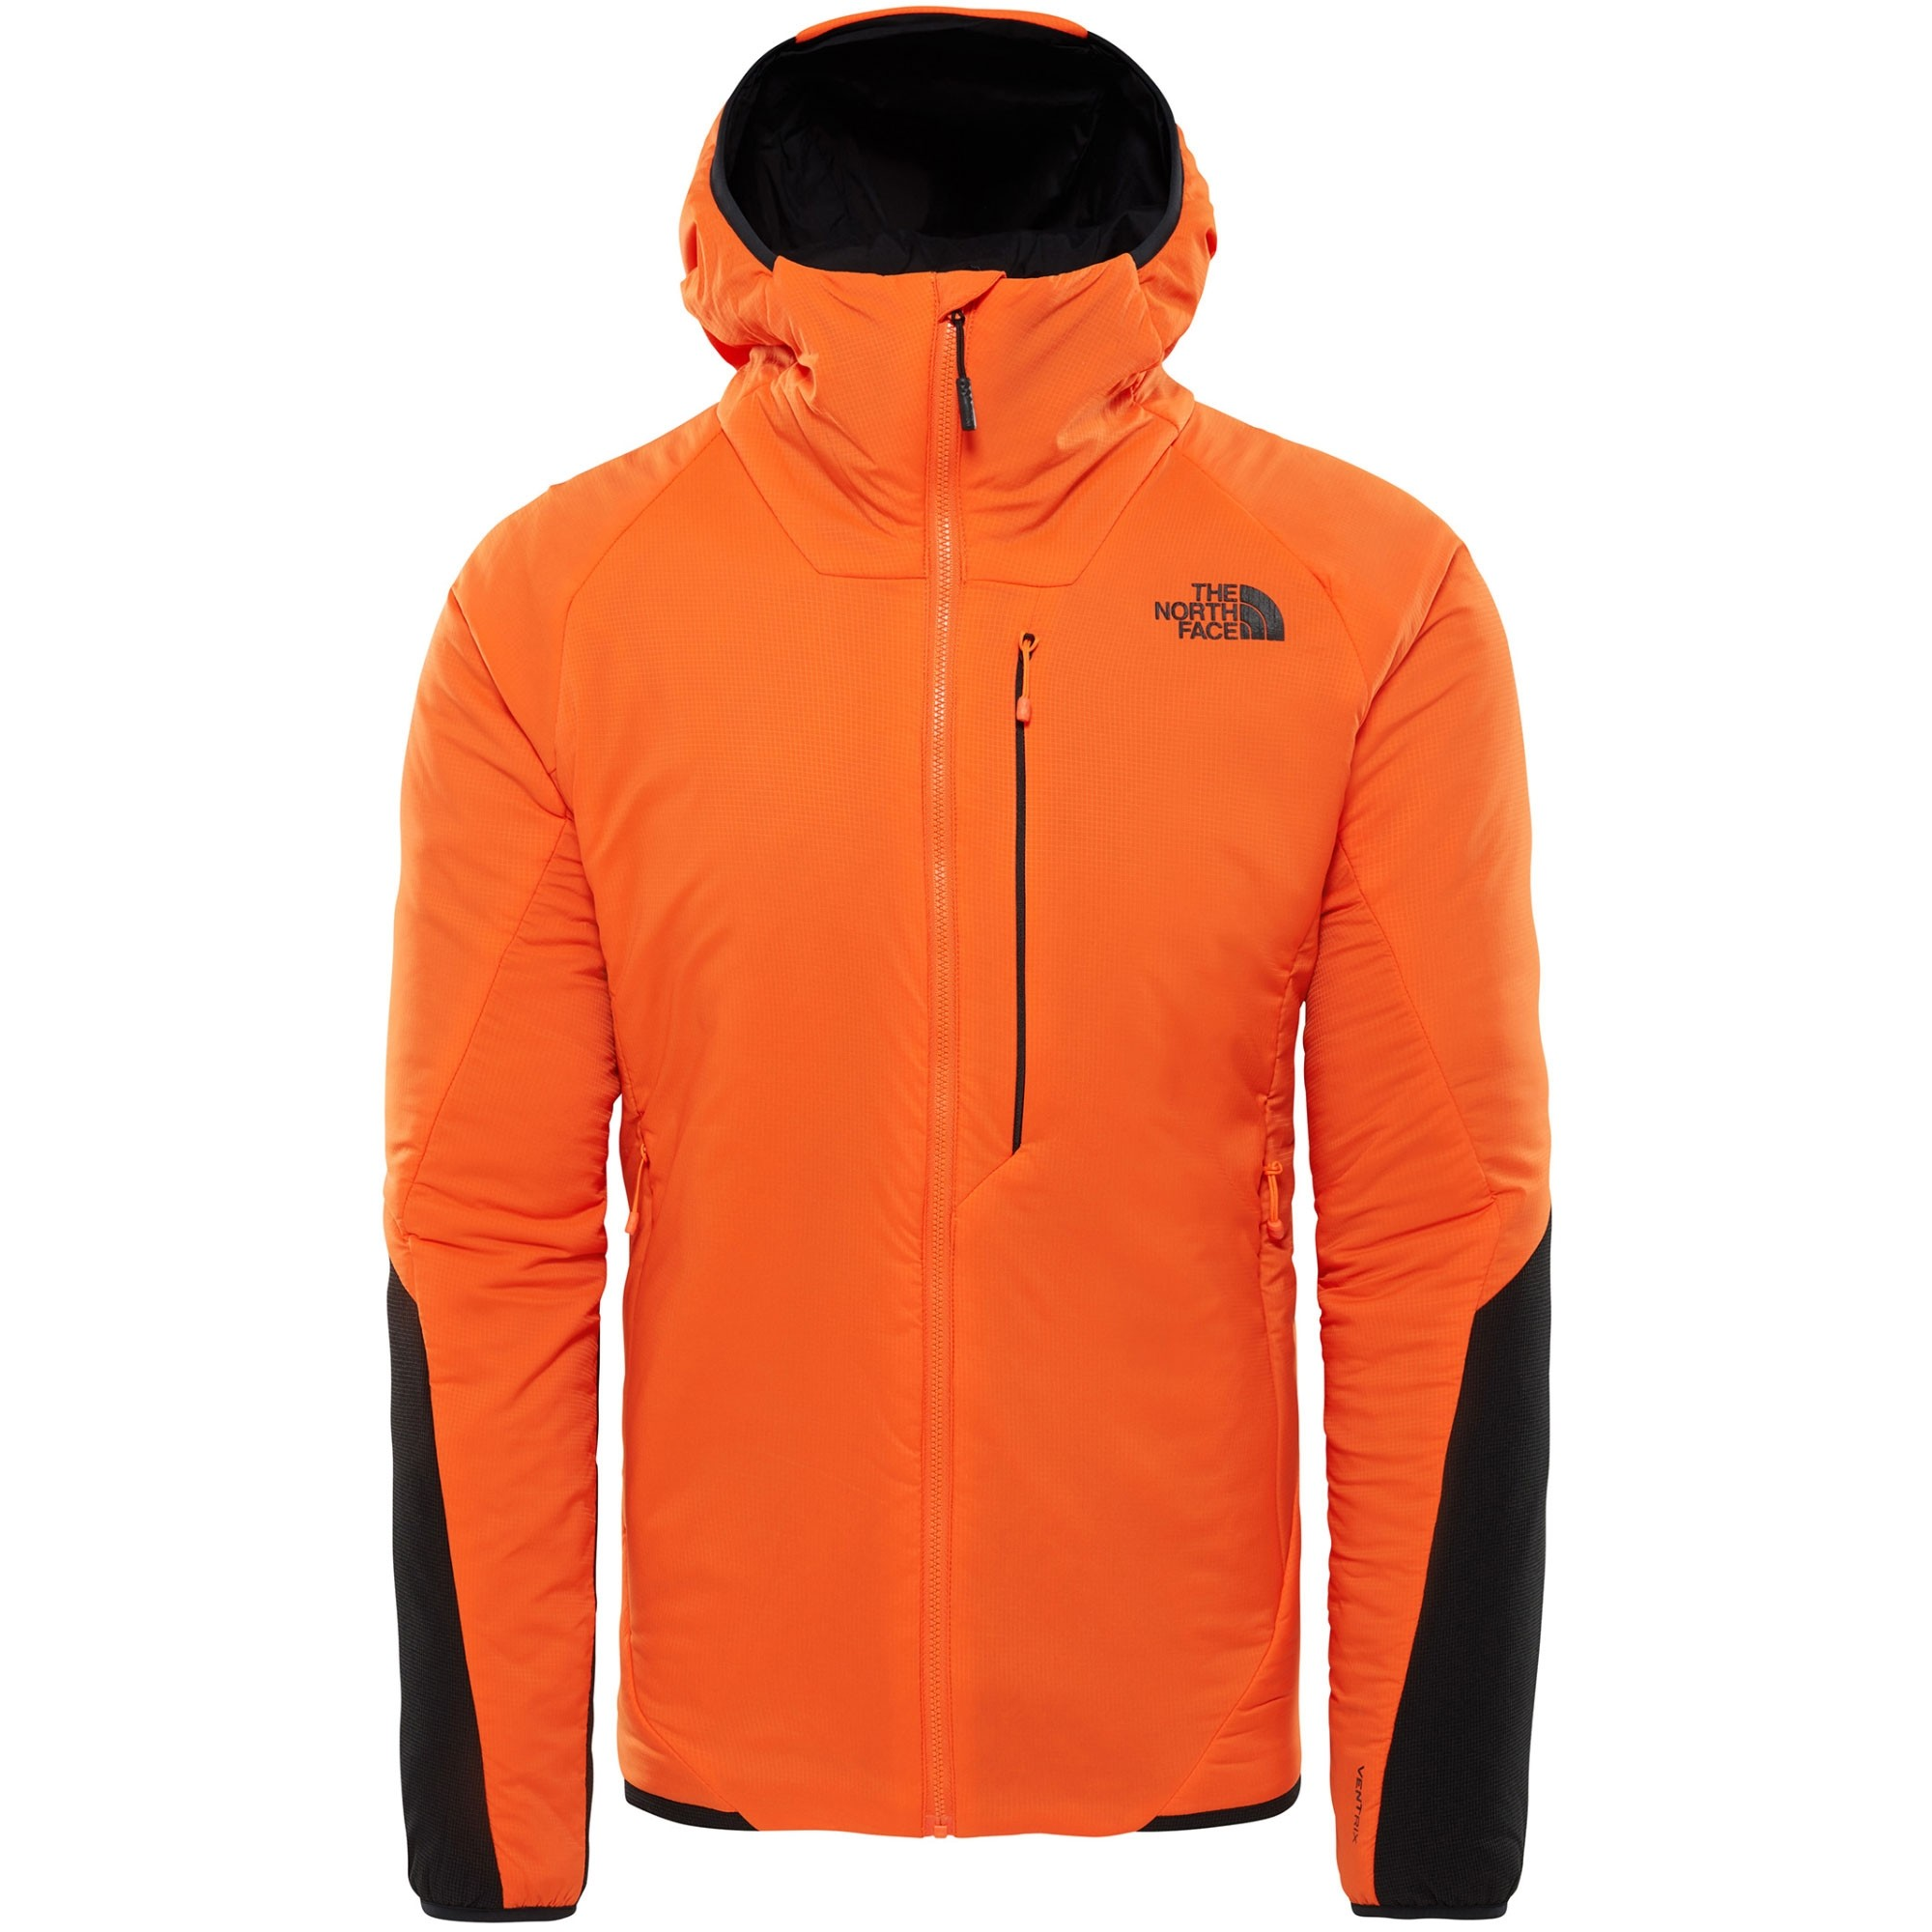 The North Face Ventrix Men's Insulated Hoodie - Persian Orange/TNF Black